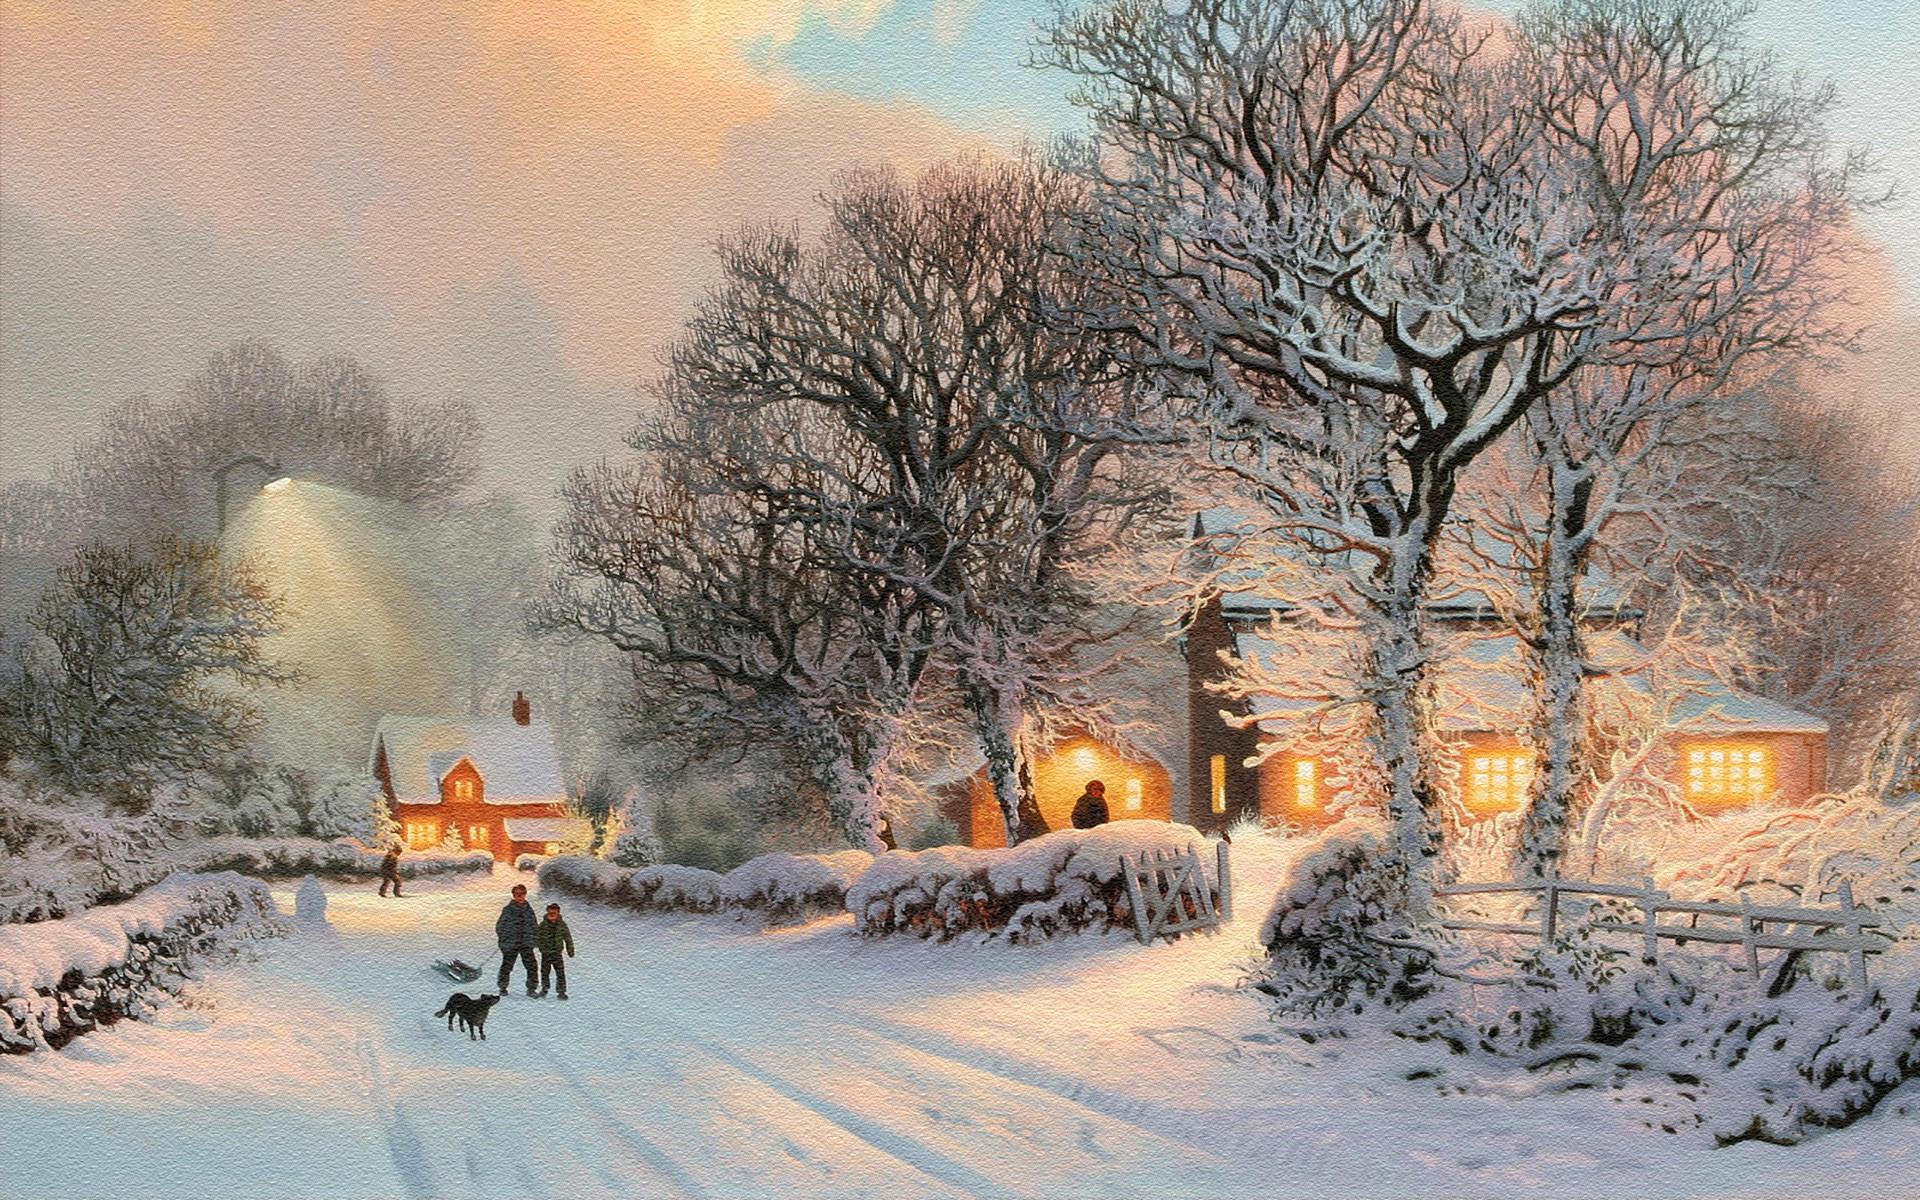 winter wonderland backgrounds 41 images. Black Bedroom Furniture Sets. Home Design Ideas